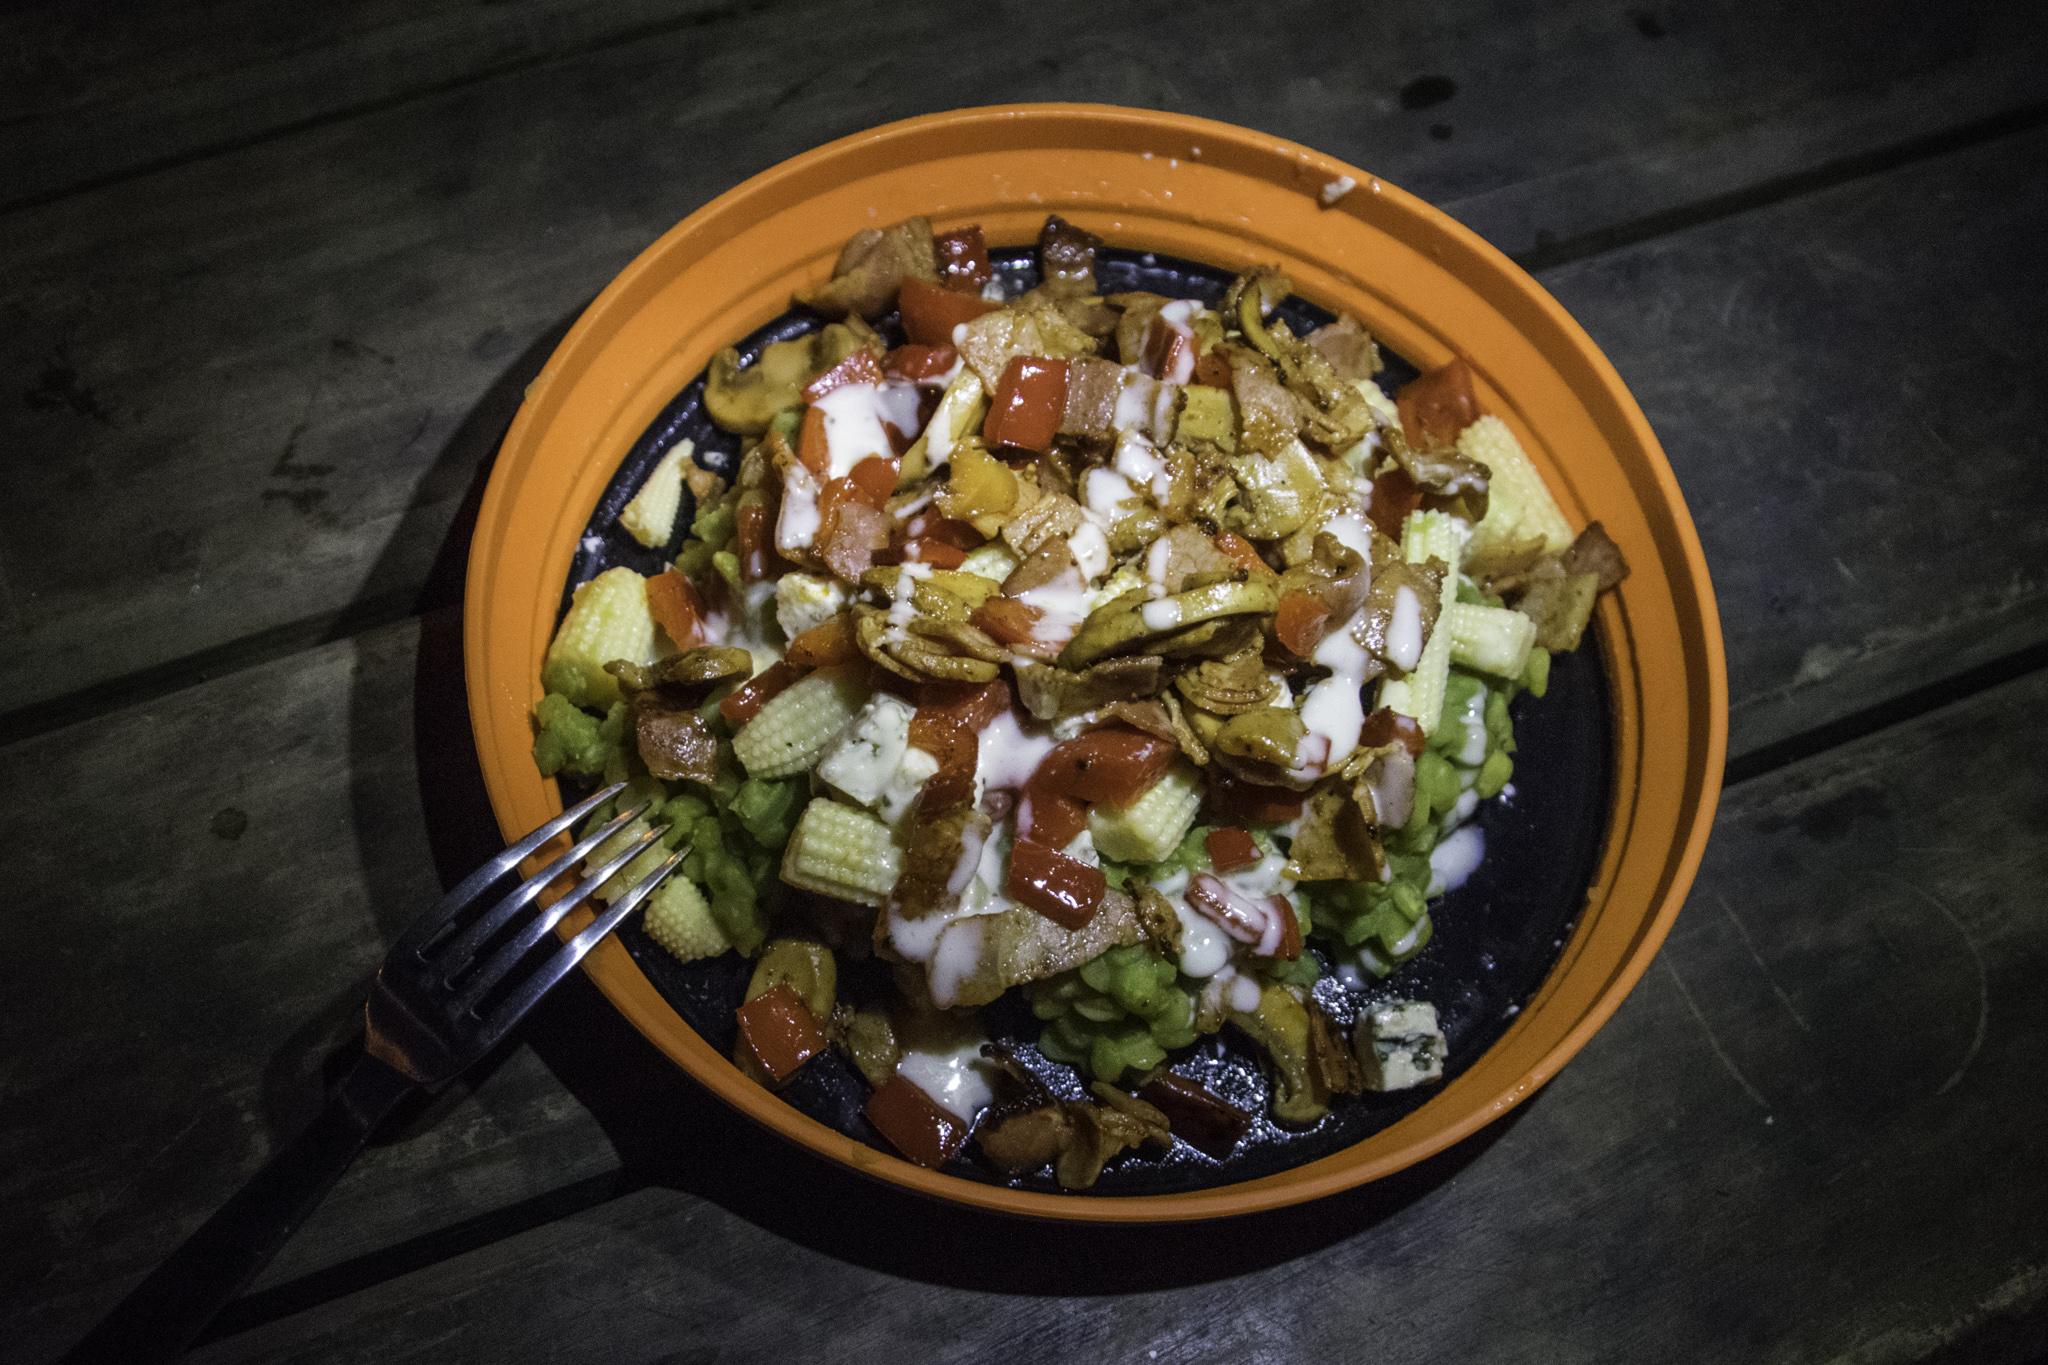 Linsensalat mit Speck, Käse und Gemüse